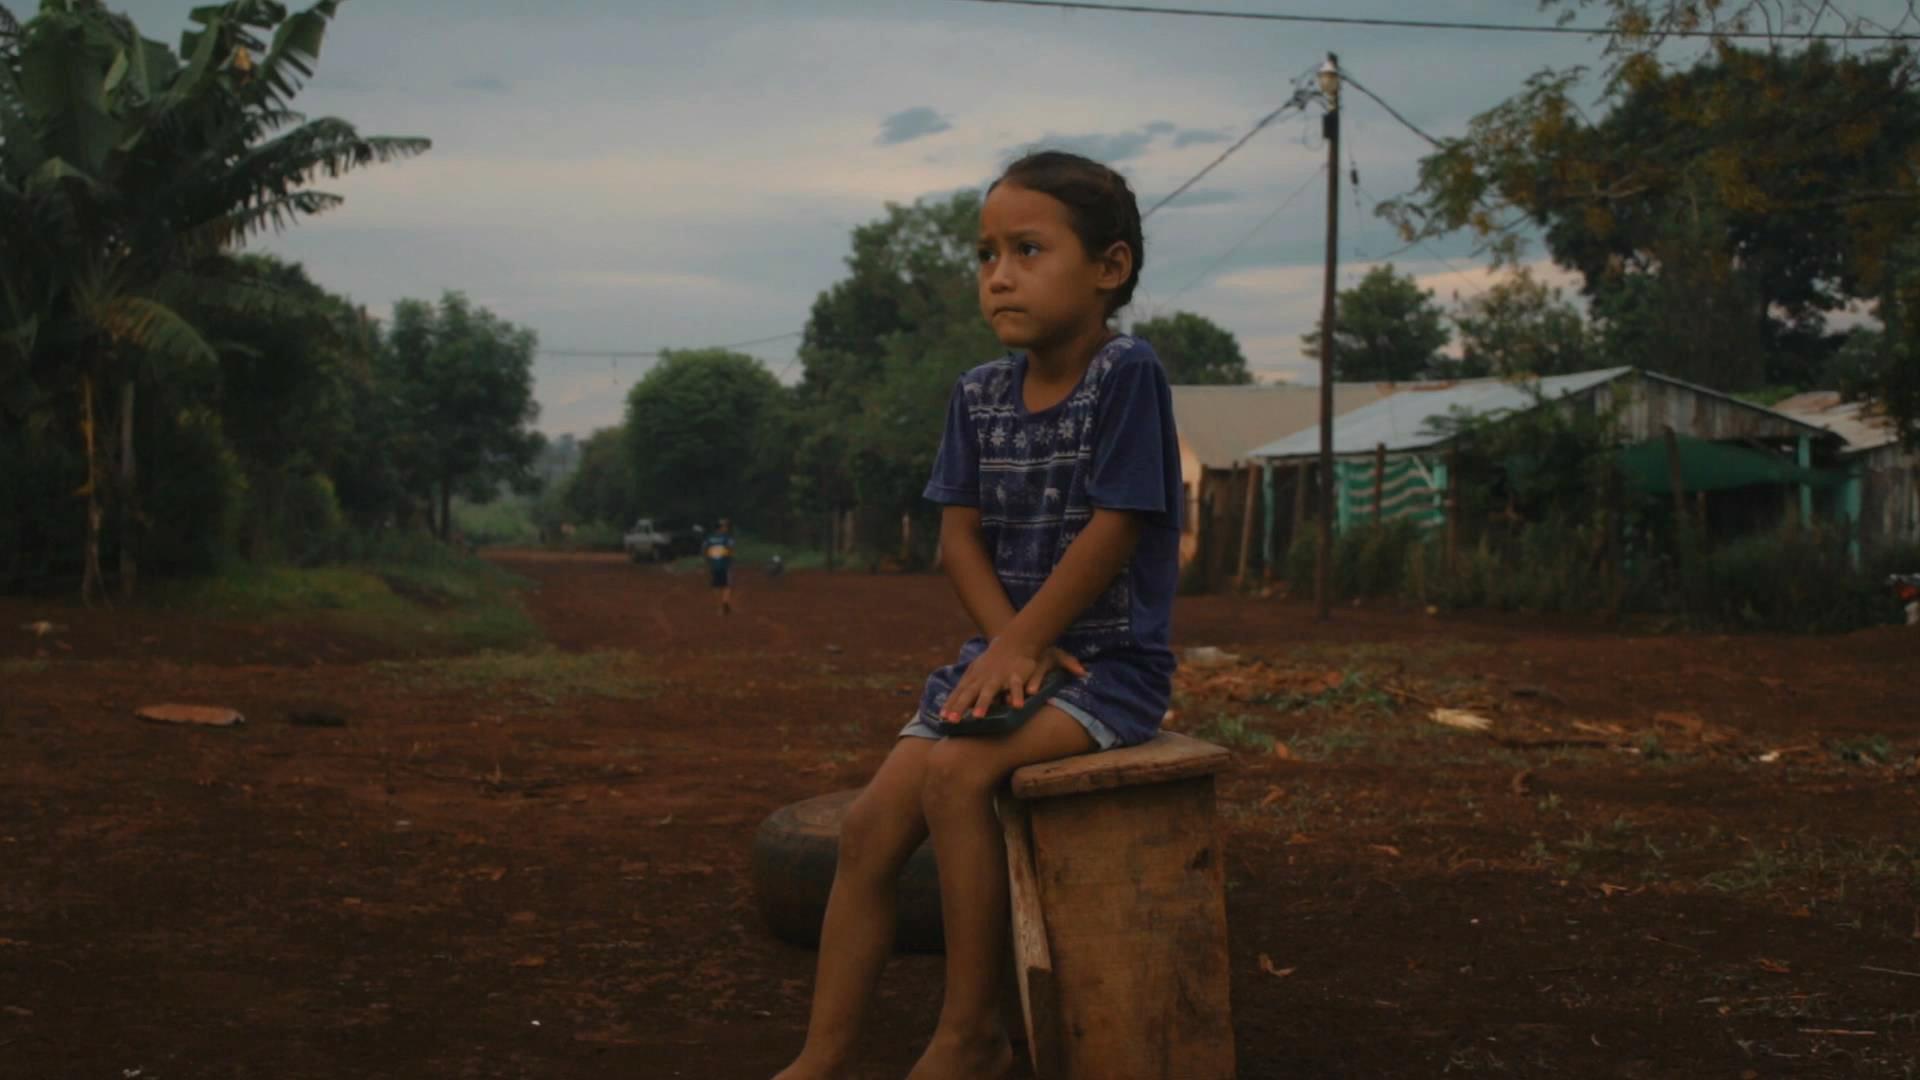 Una de las iniciativas es erradicar el trabajo infantil yerbatero